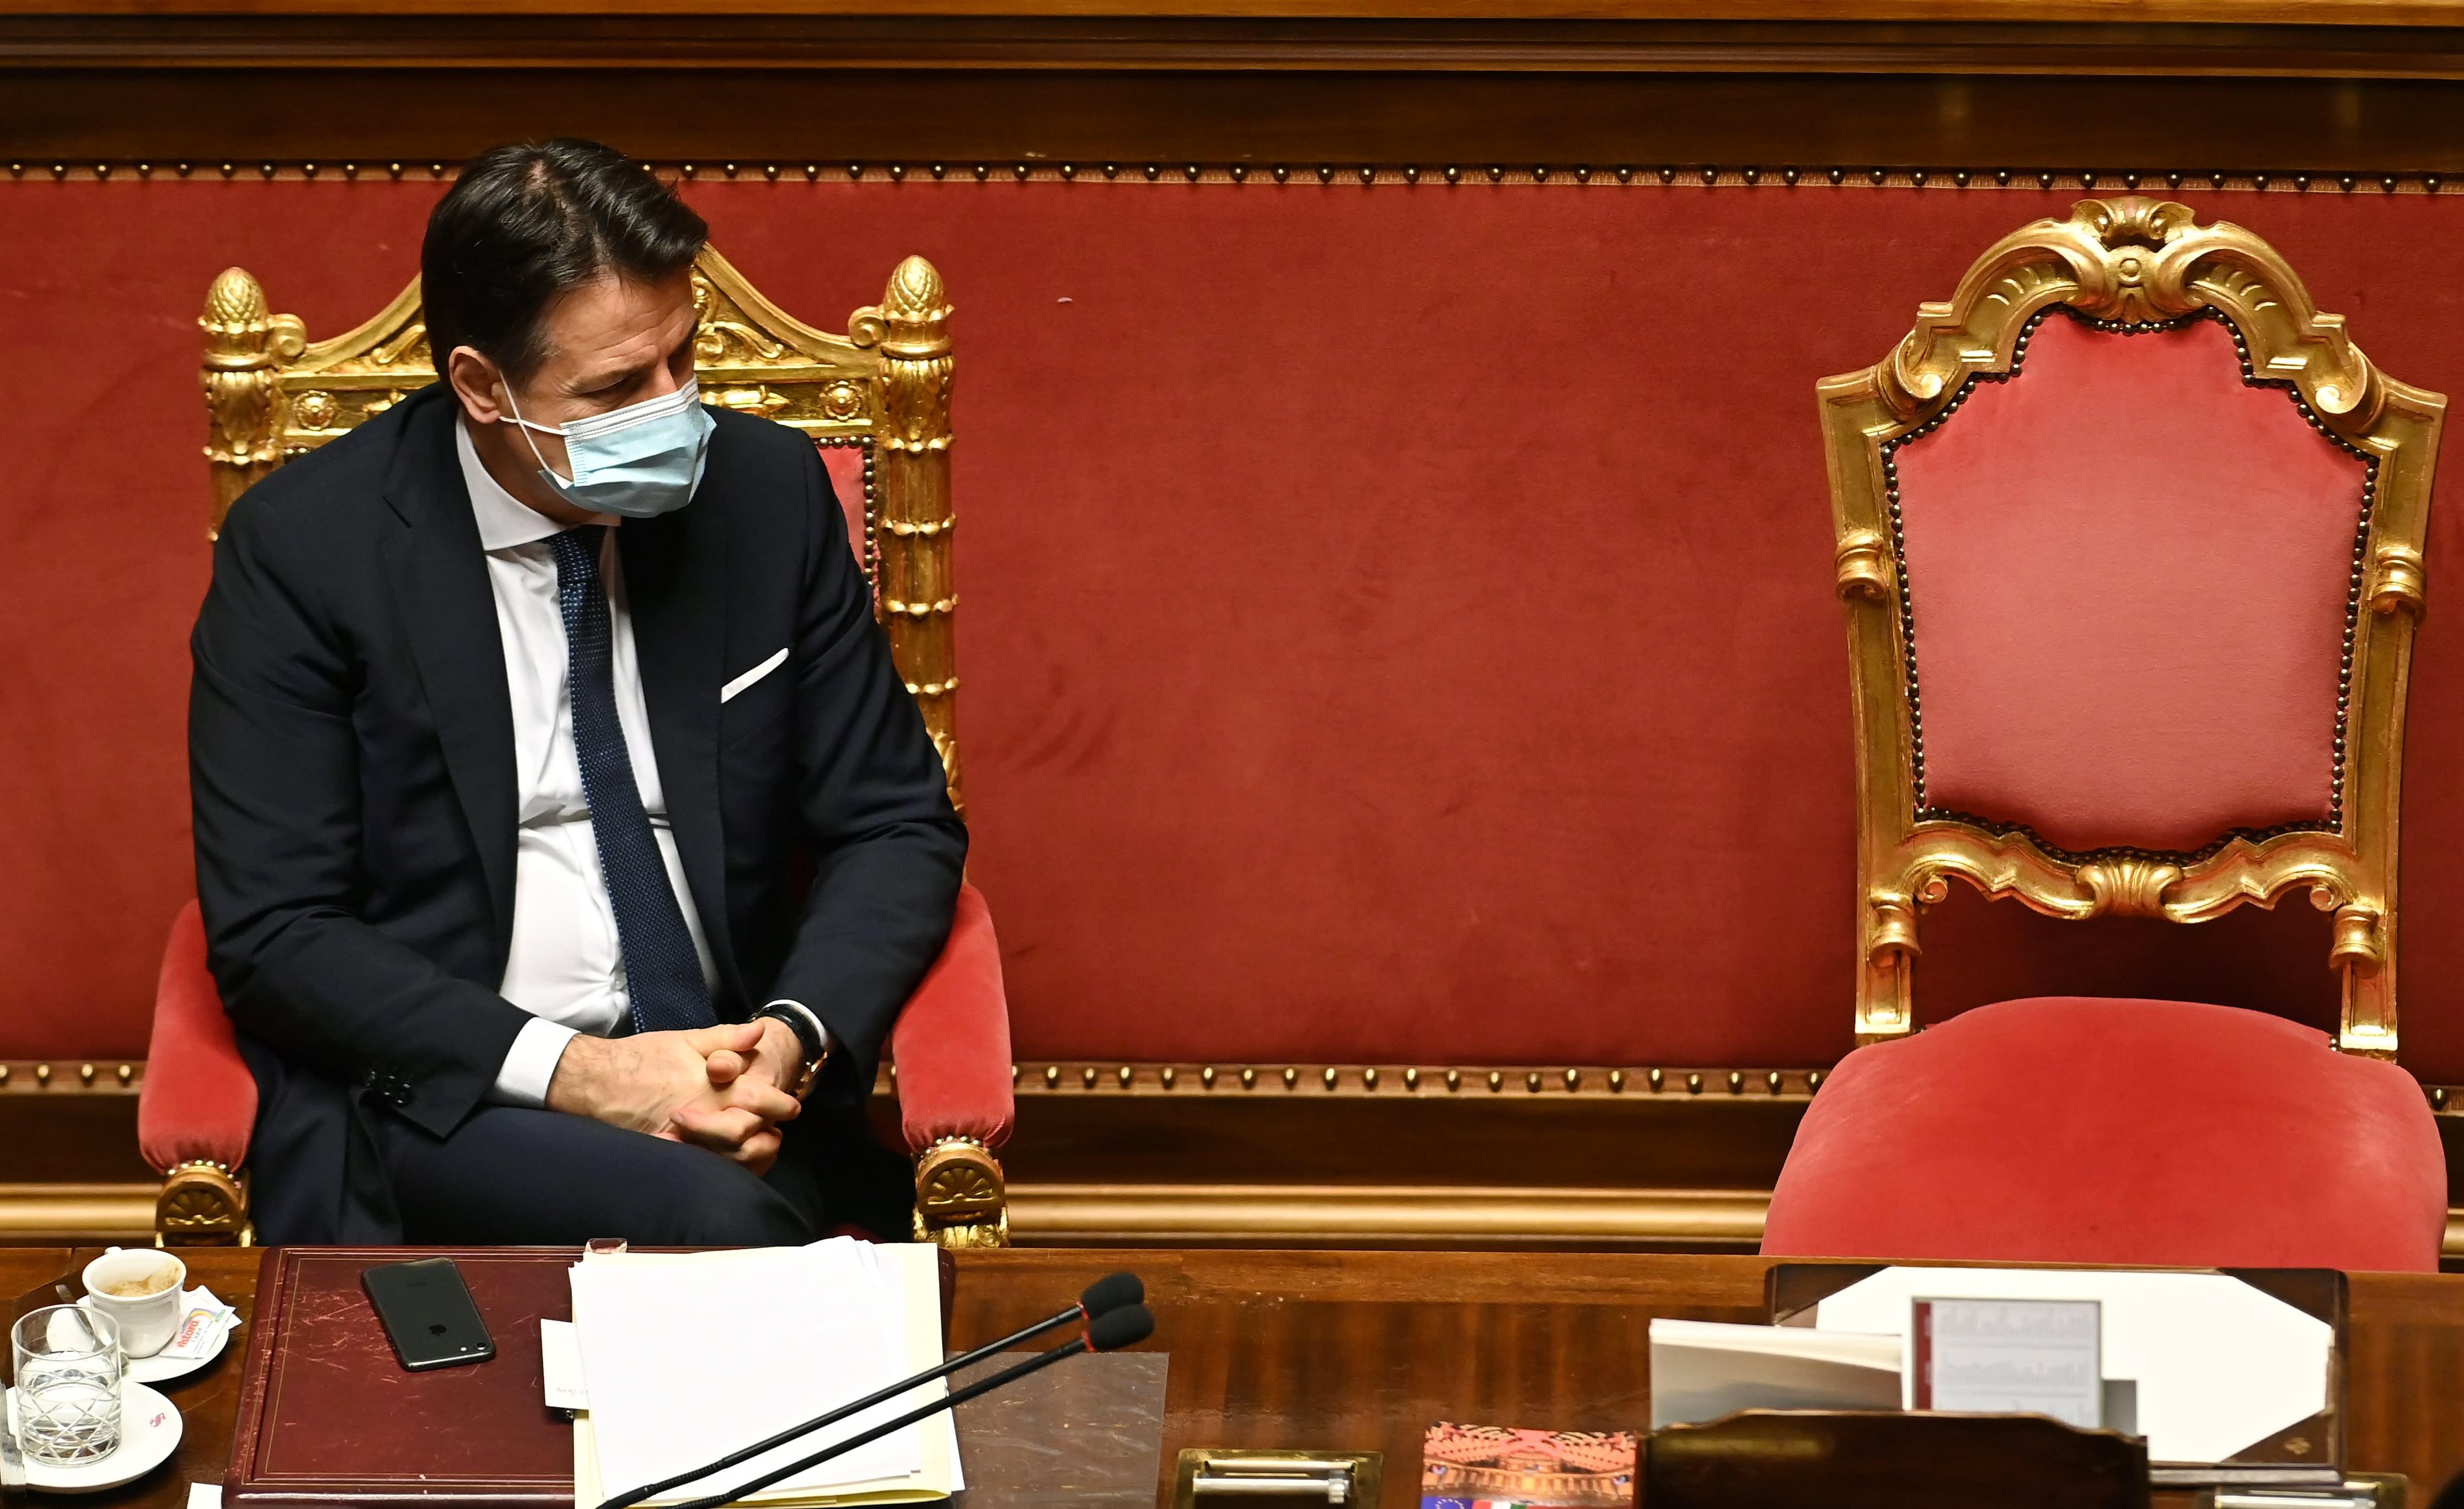 Prime Minister Giuseppe Conte wins vote in Senate, heads minority government